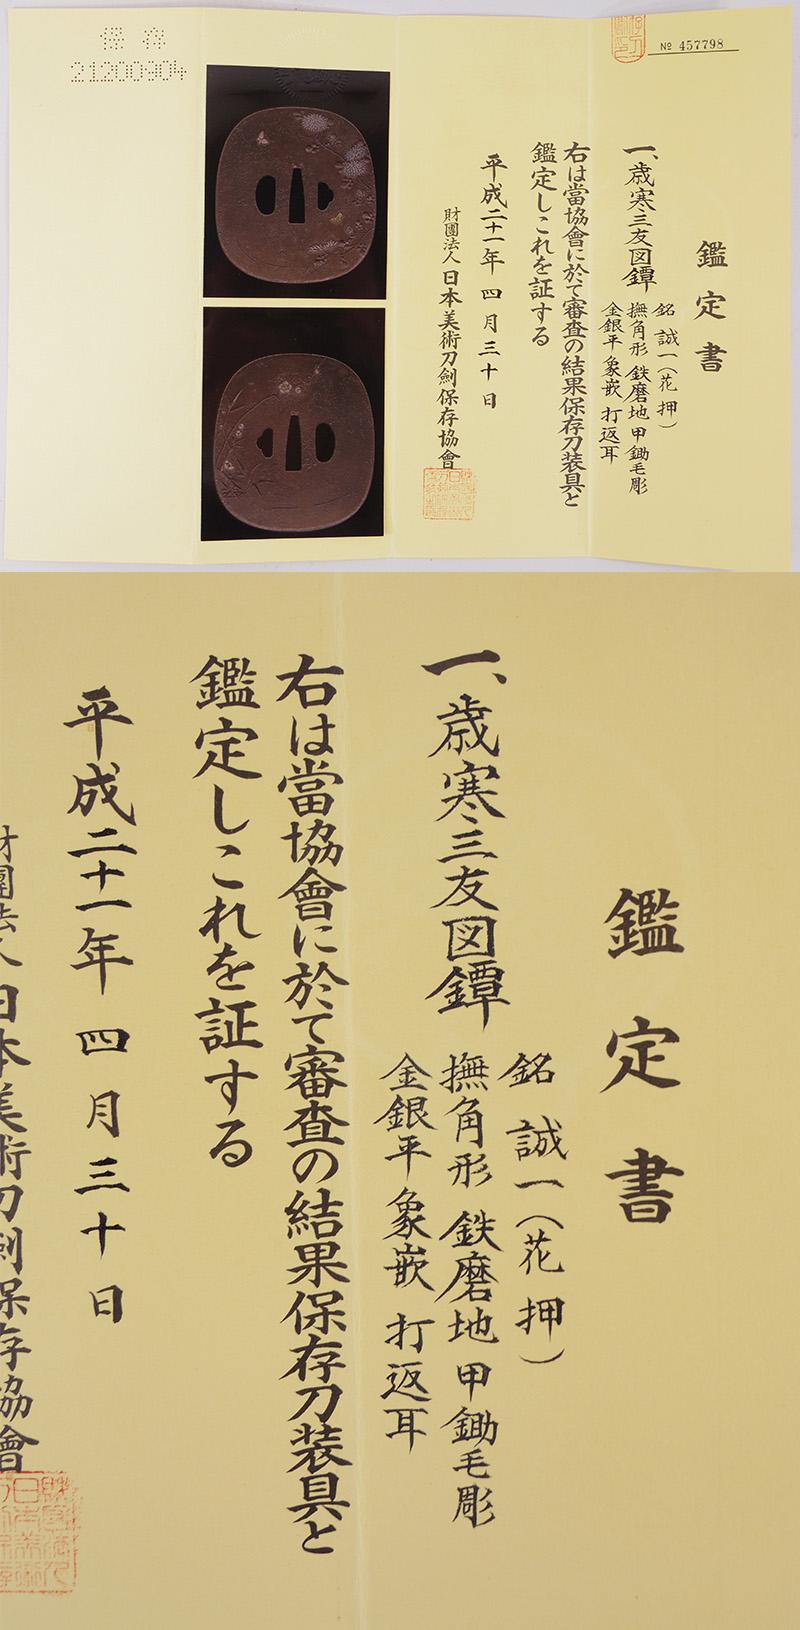 歳寒三友図鍔  誠一(花押) Picture of Certificate